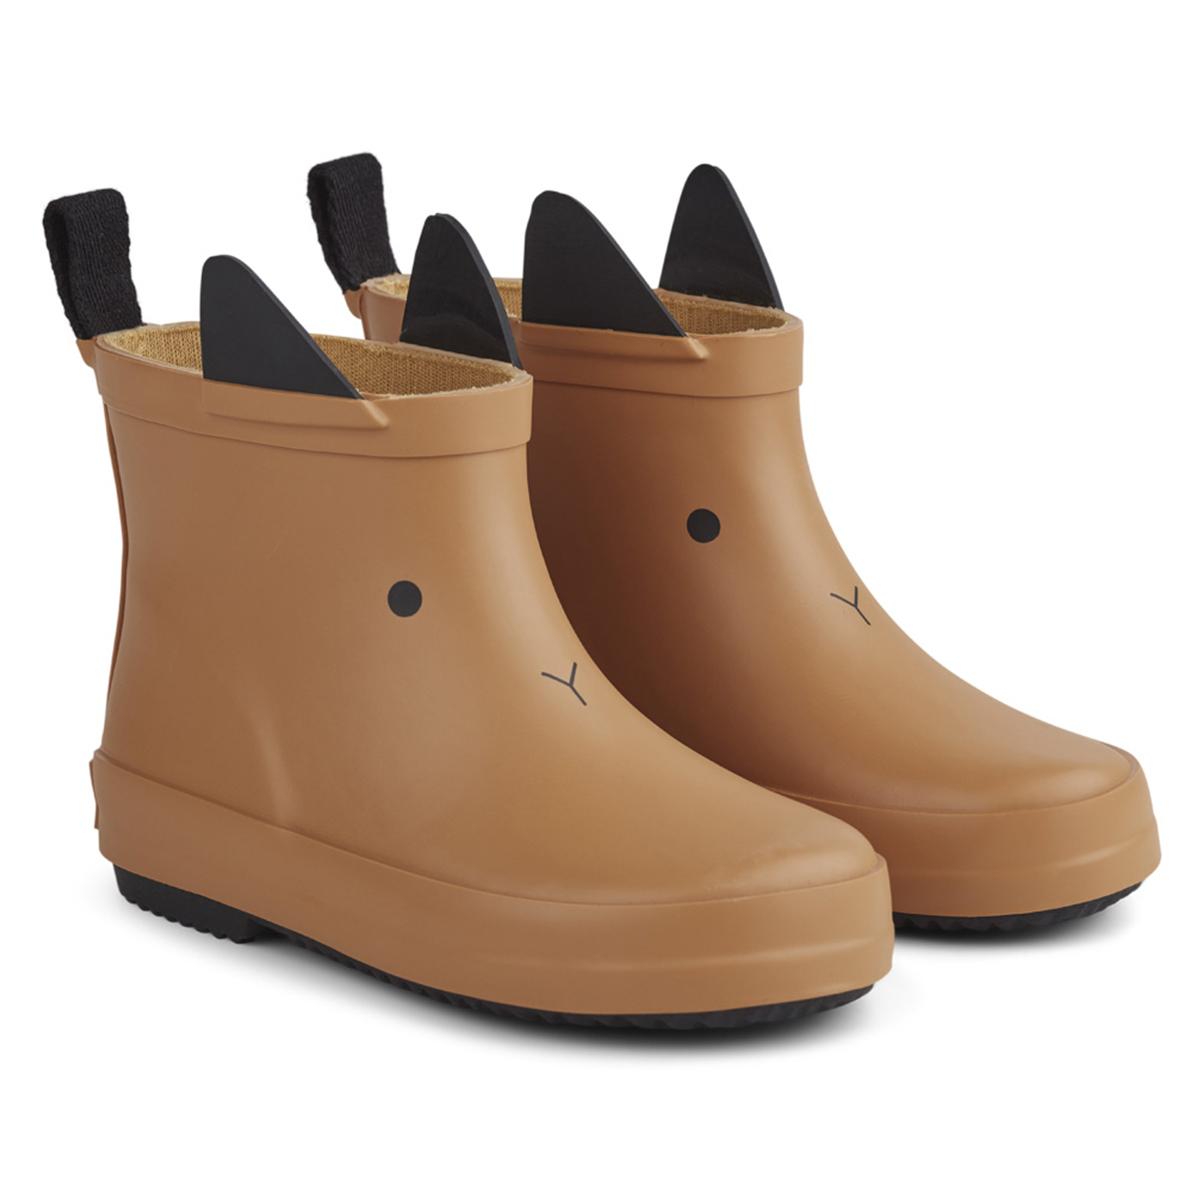 Chaussons & Chaussures Bottes de Pluie Tobi Rabbit Mustard - 23